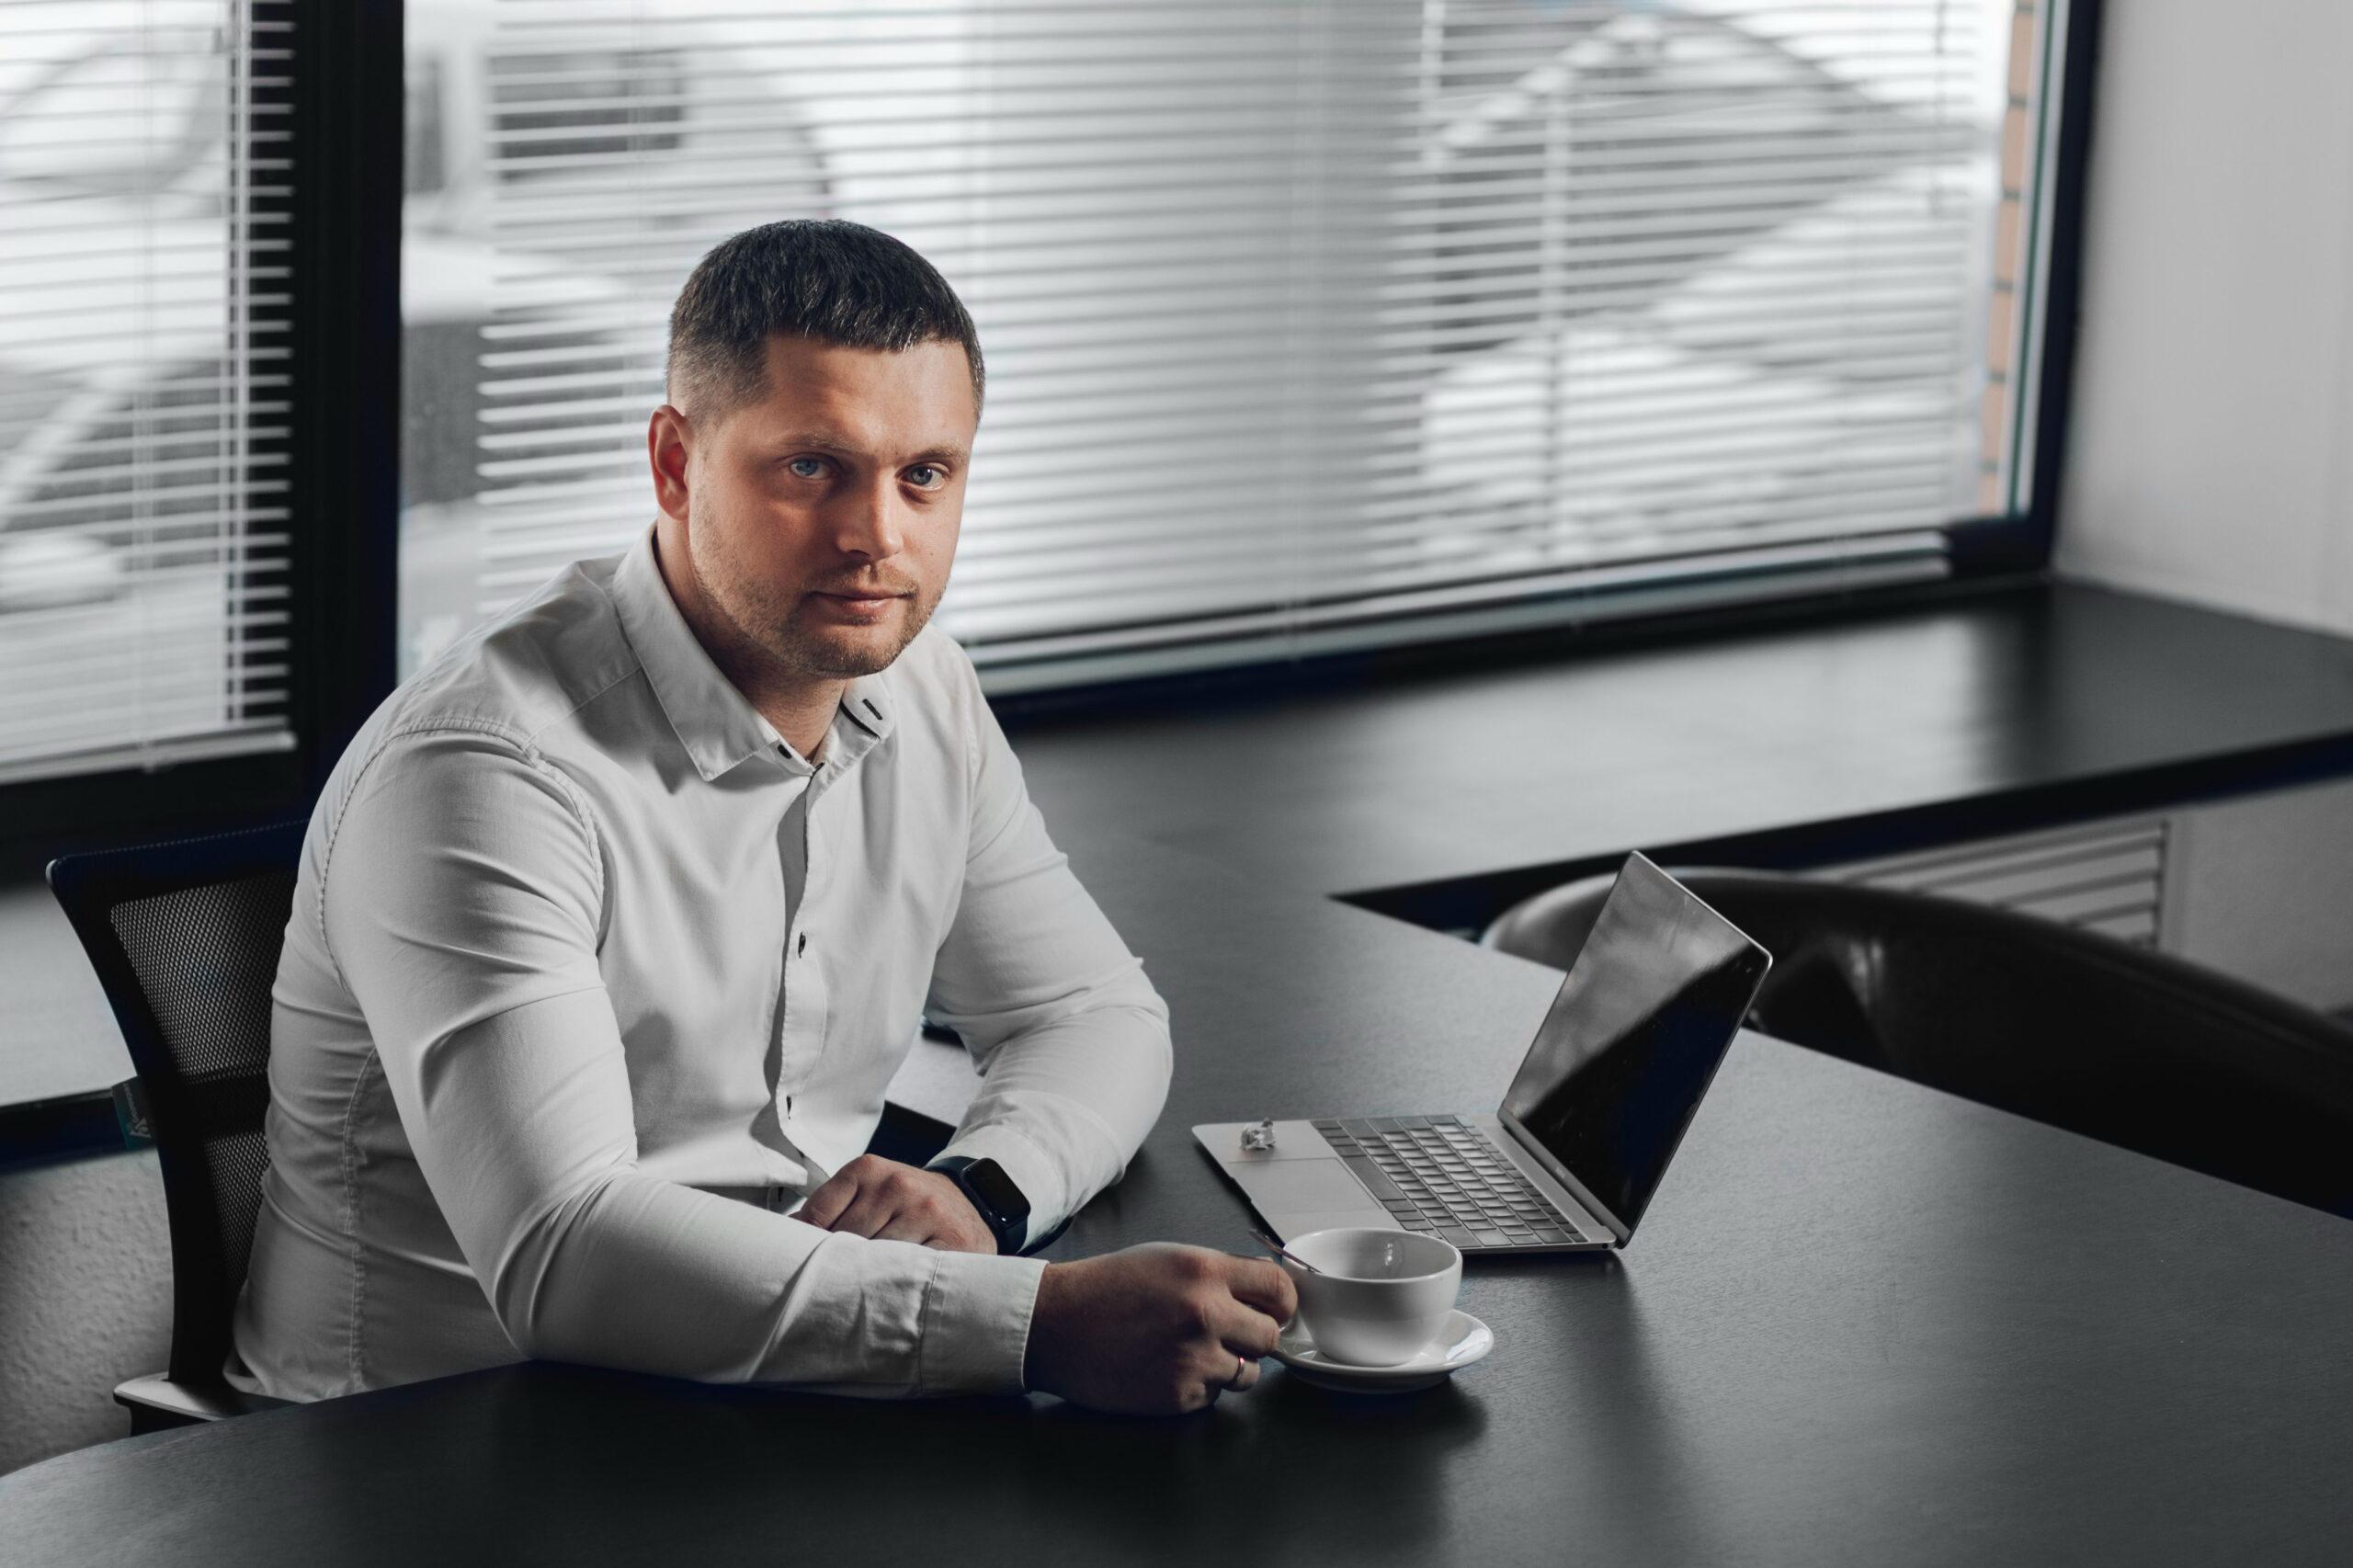 Андрей Белокопытов: «Эммаусс— это перспективы, развитиеивыгодные инвестиции»